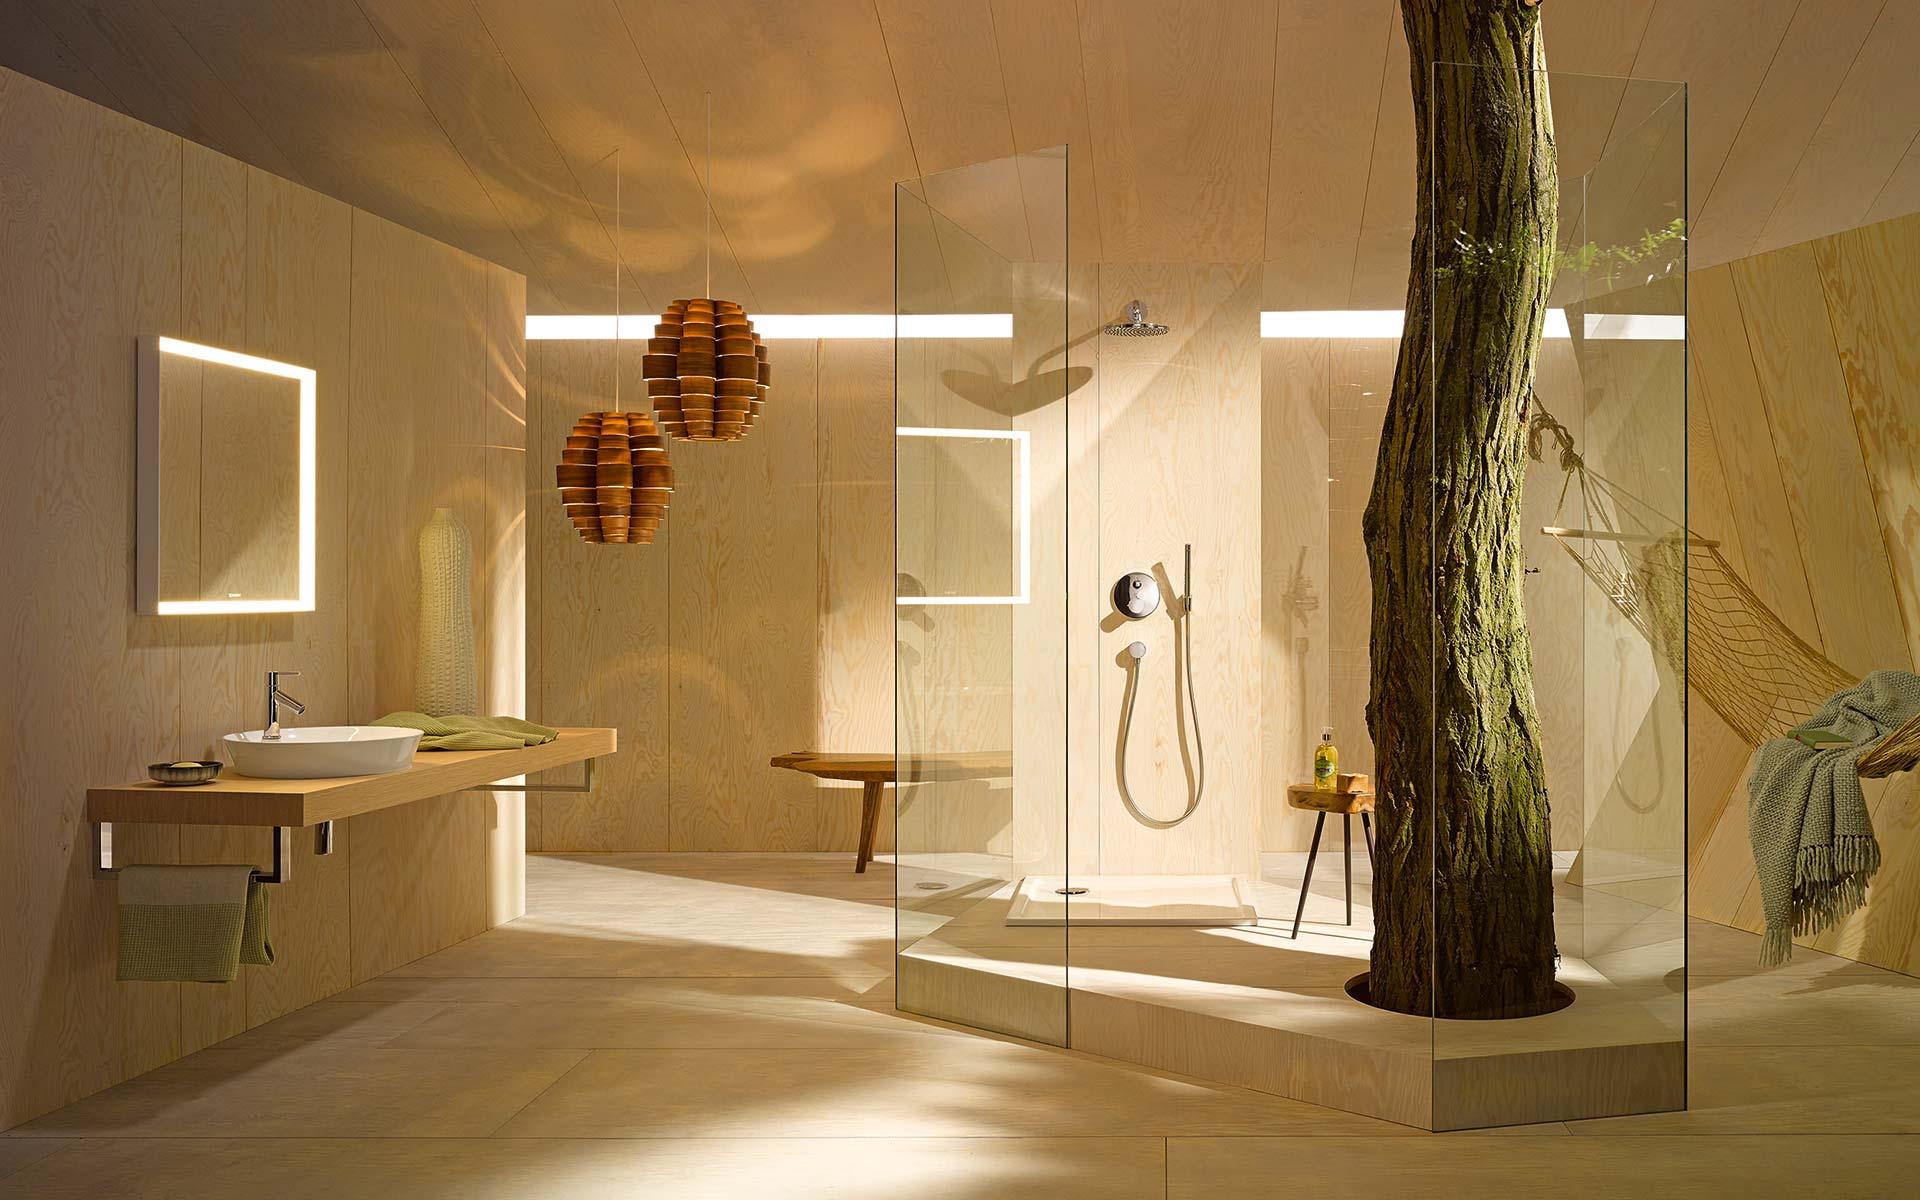 Badezimmer - Hans G. Bock